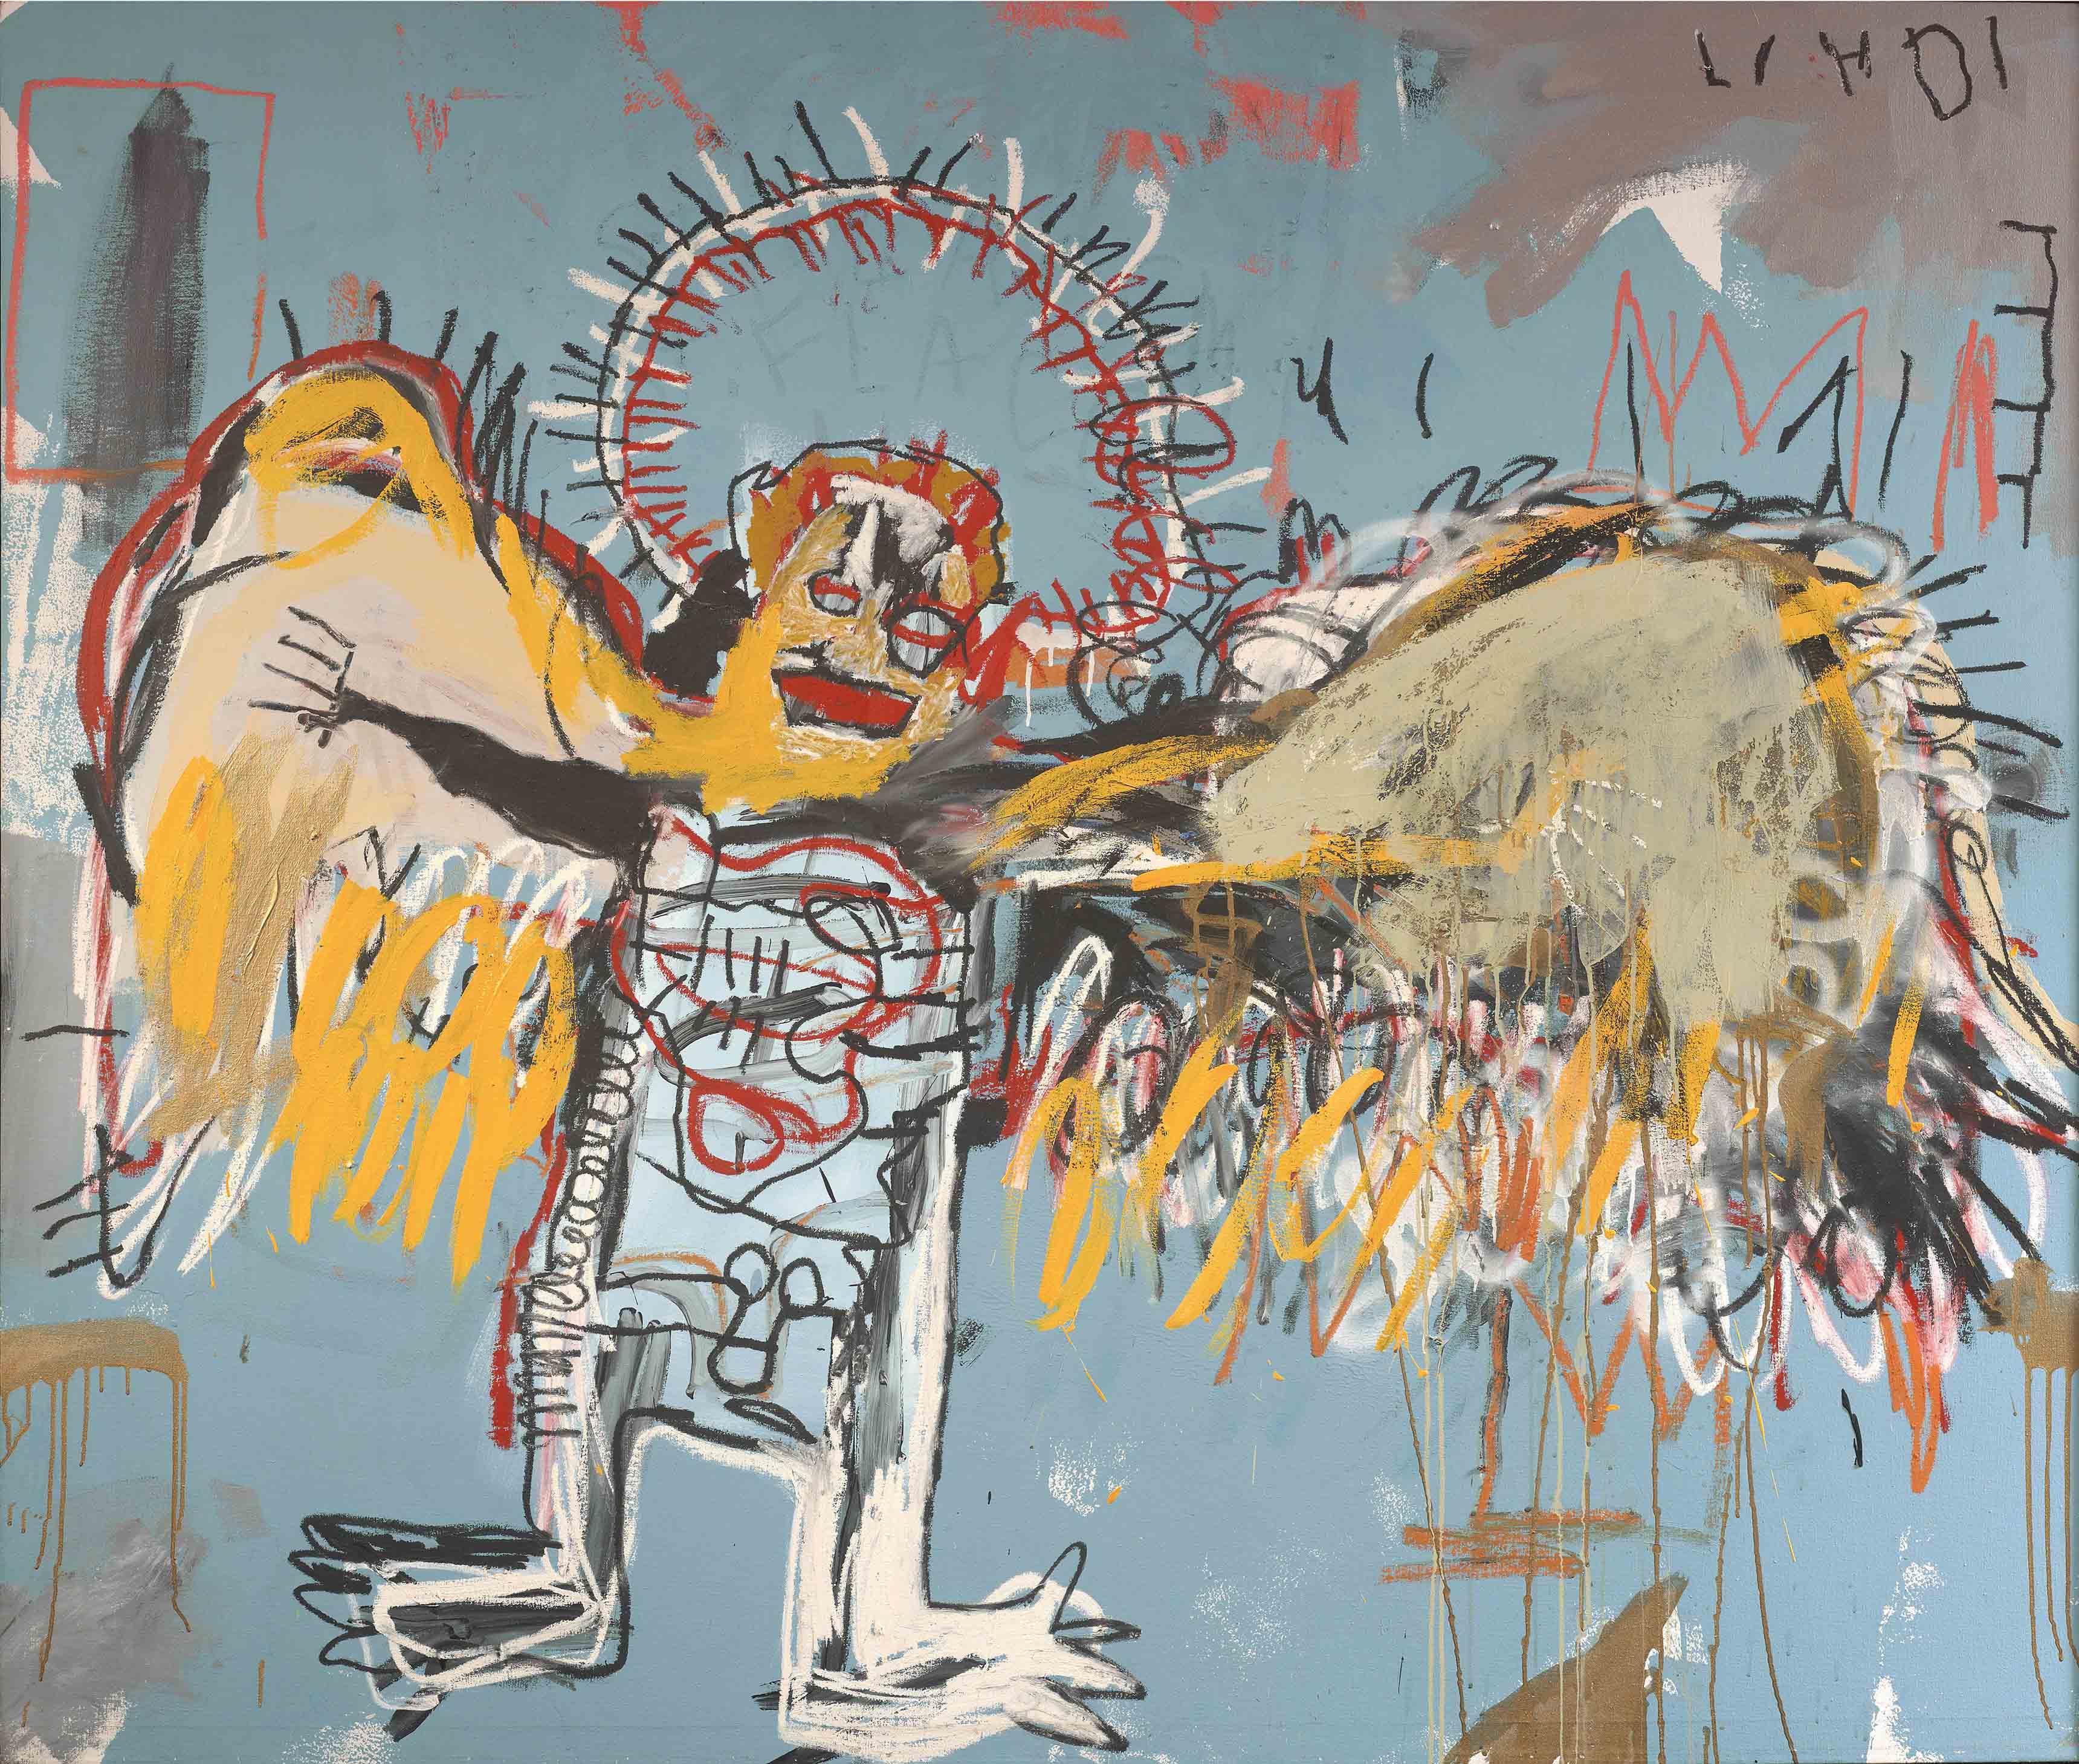 Fallen Angel, Jean-Michel Basquiat (1981)